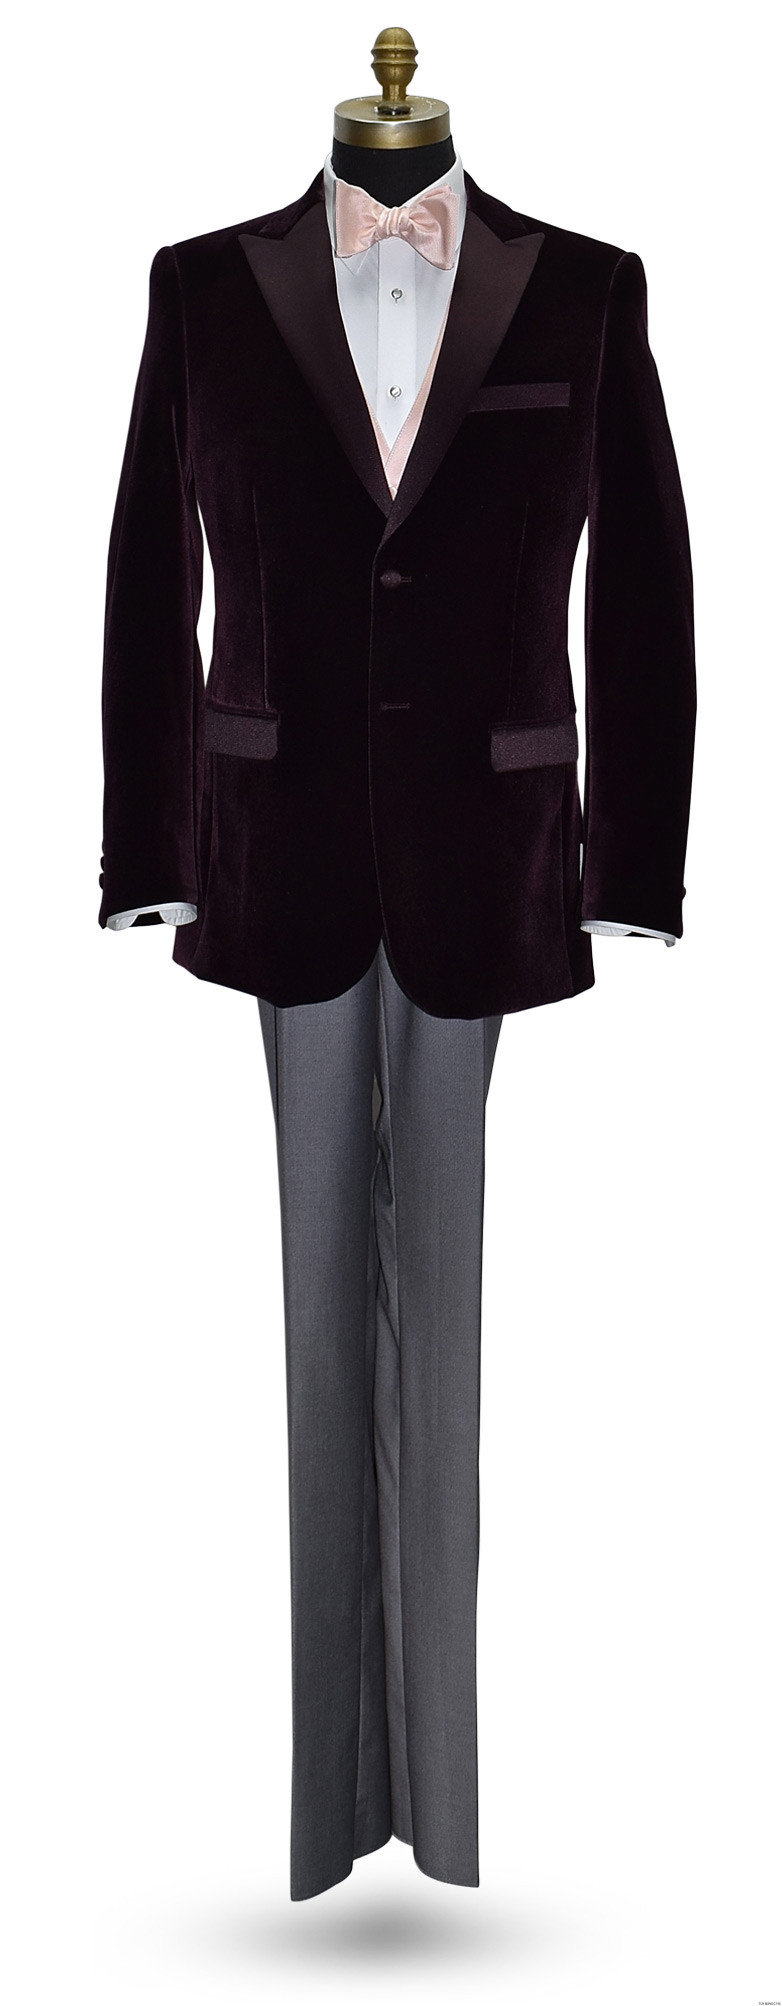 wine velvet tuxedo jacket with blush bowtie and blush vest